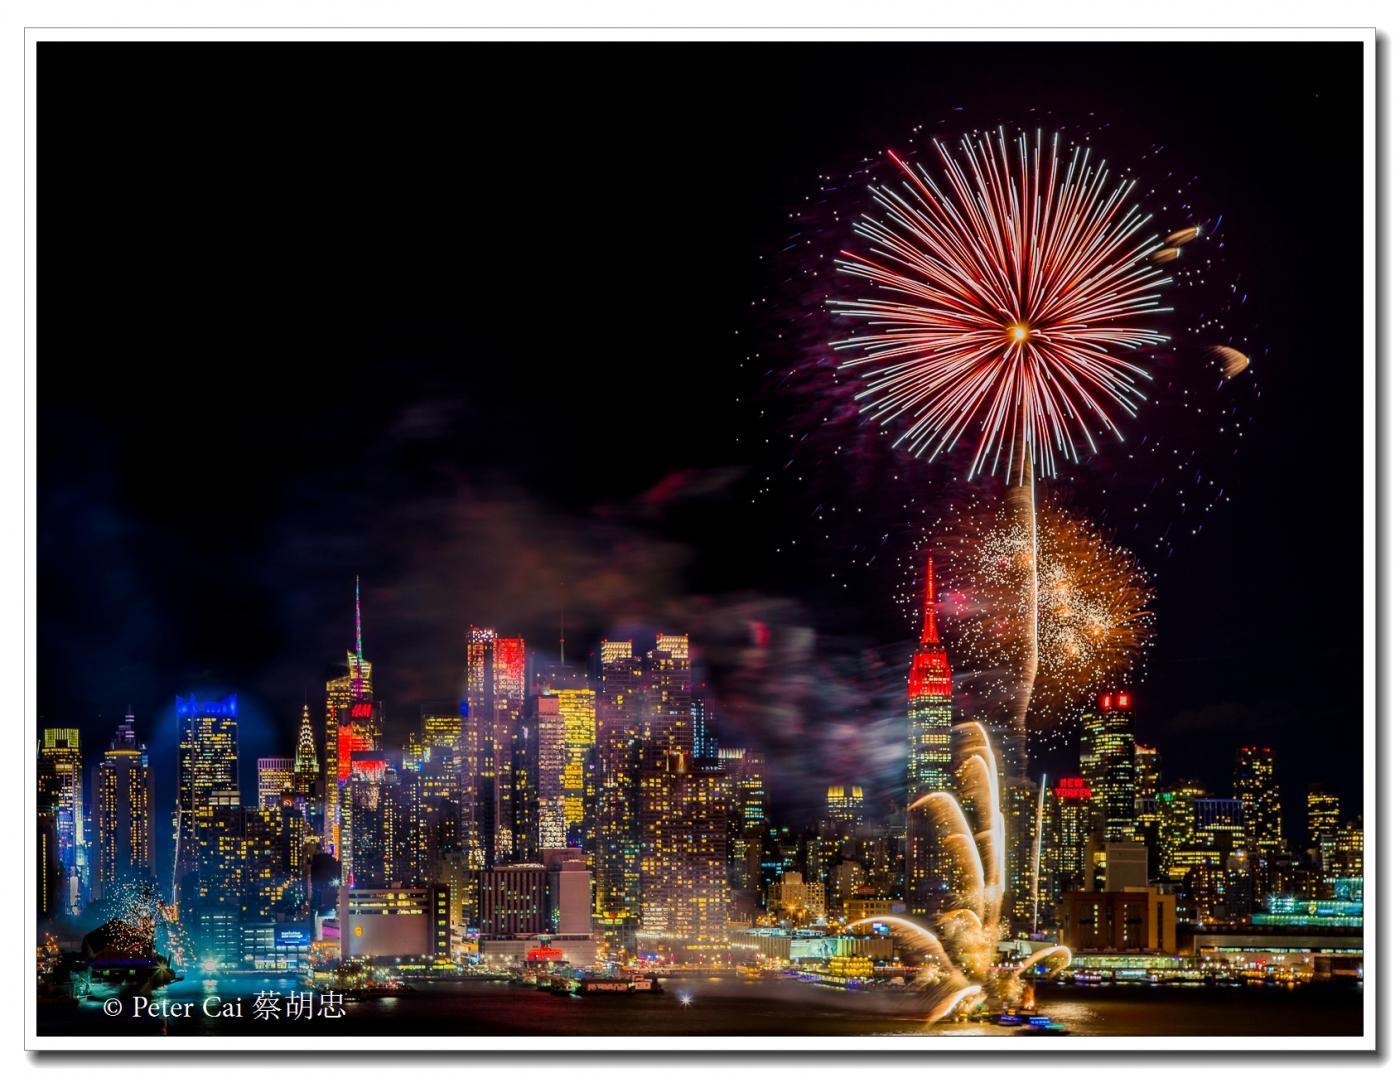 为庆祝中国新年, 纽约昨天晚上盛放焰火_图1-5